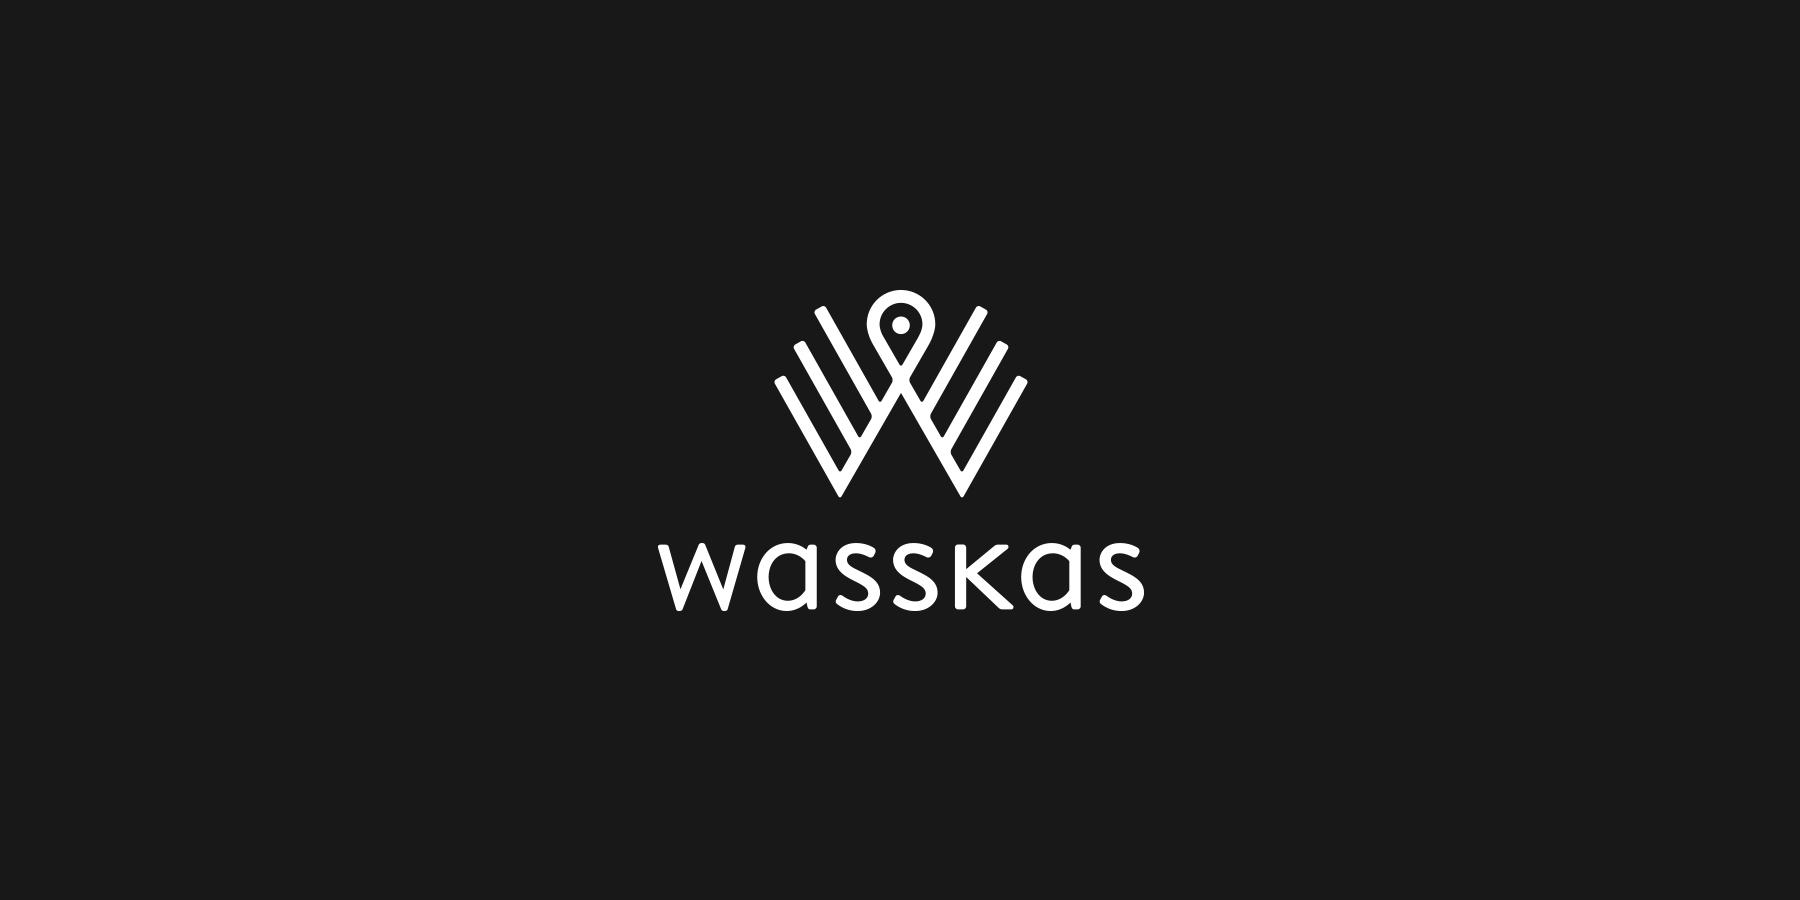 wasskas-logo-design-03